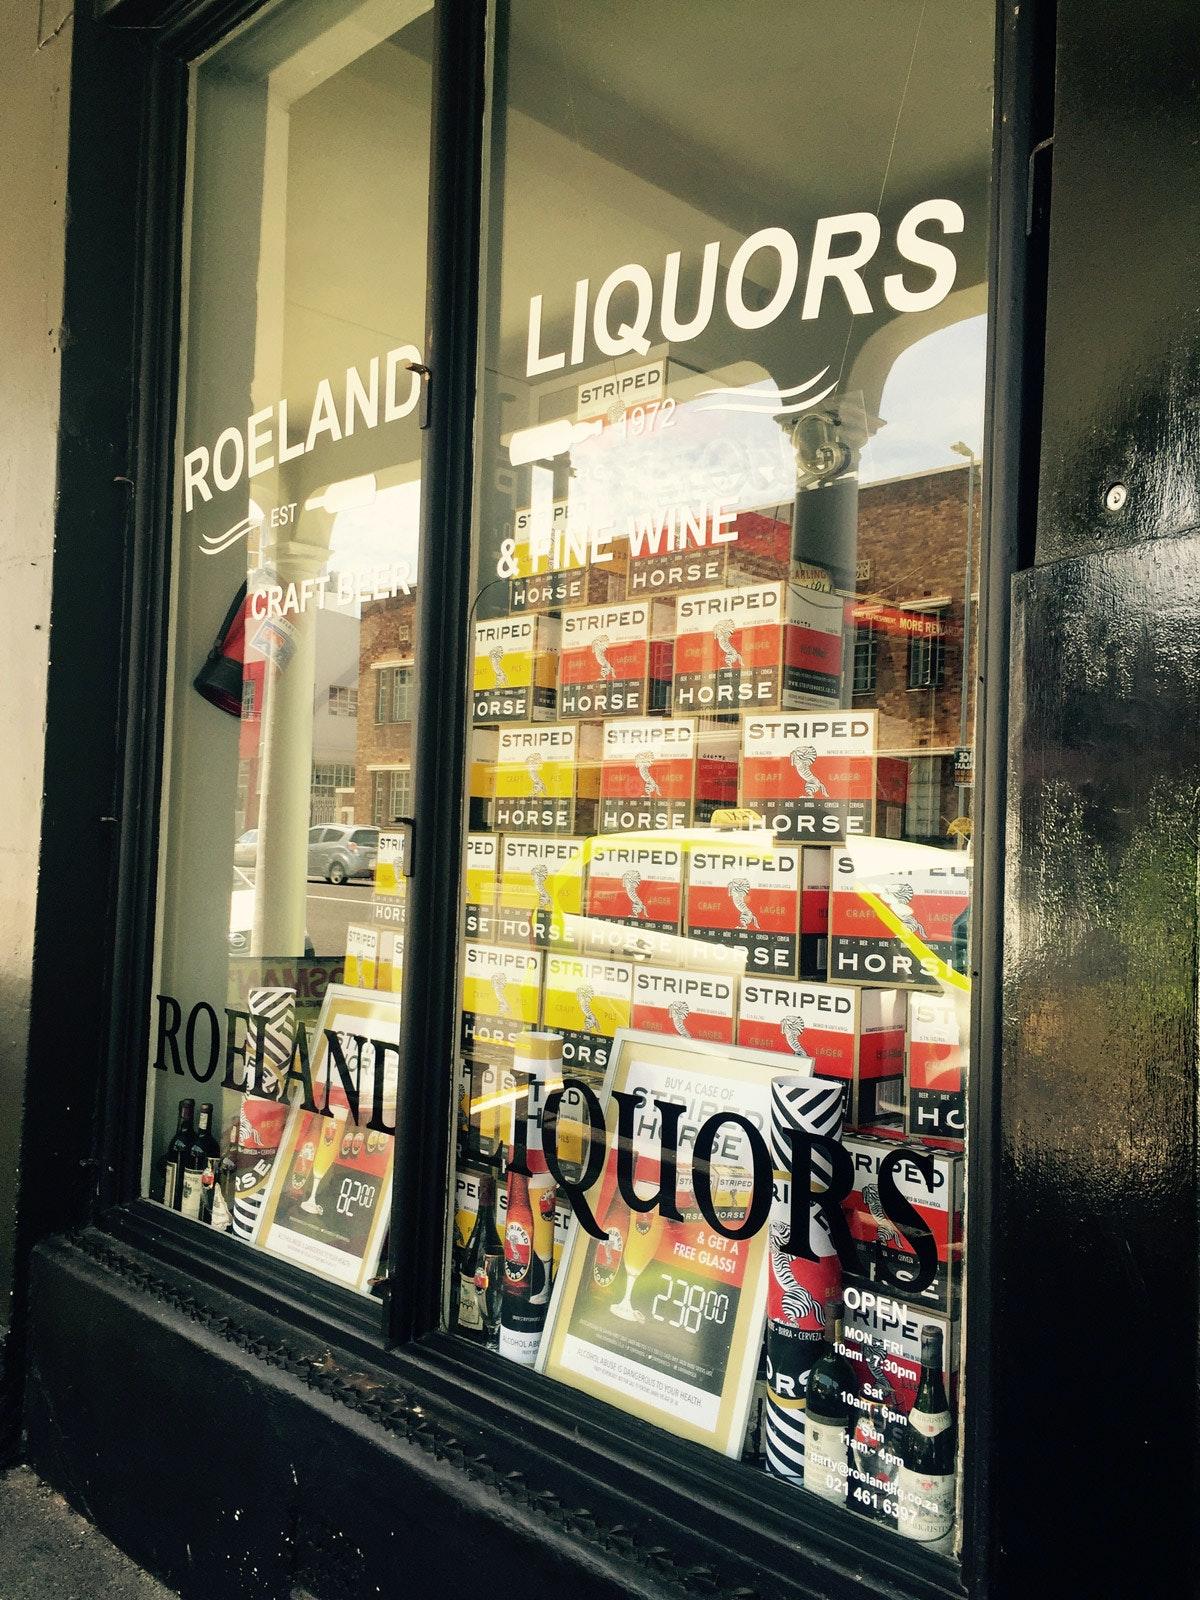 Roeland Liquors